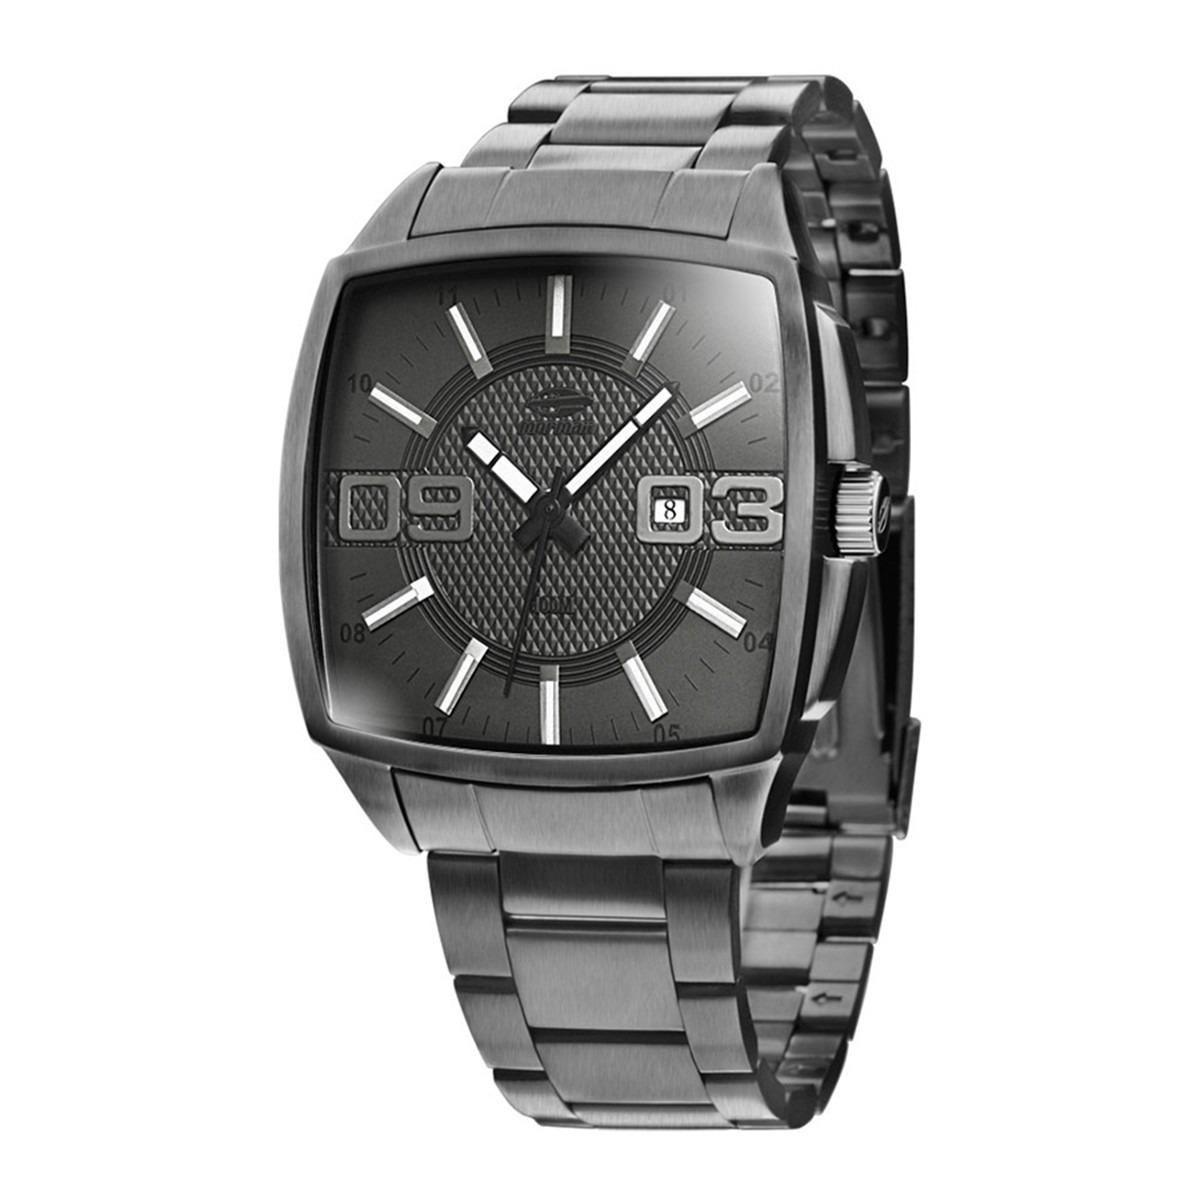 216e732b97c Relógio Mormaii Masculino Quadrado Esportivo 2115sv 1c - R  365